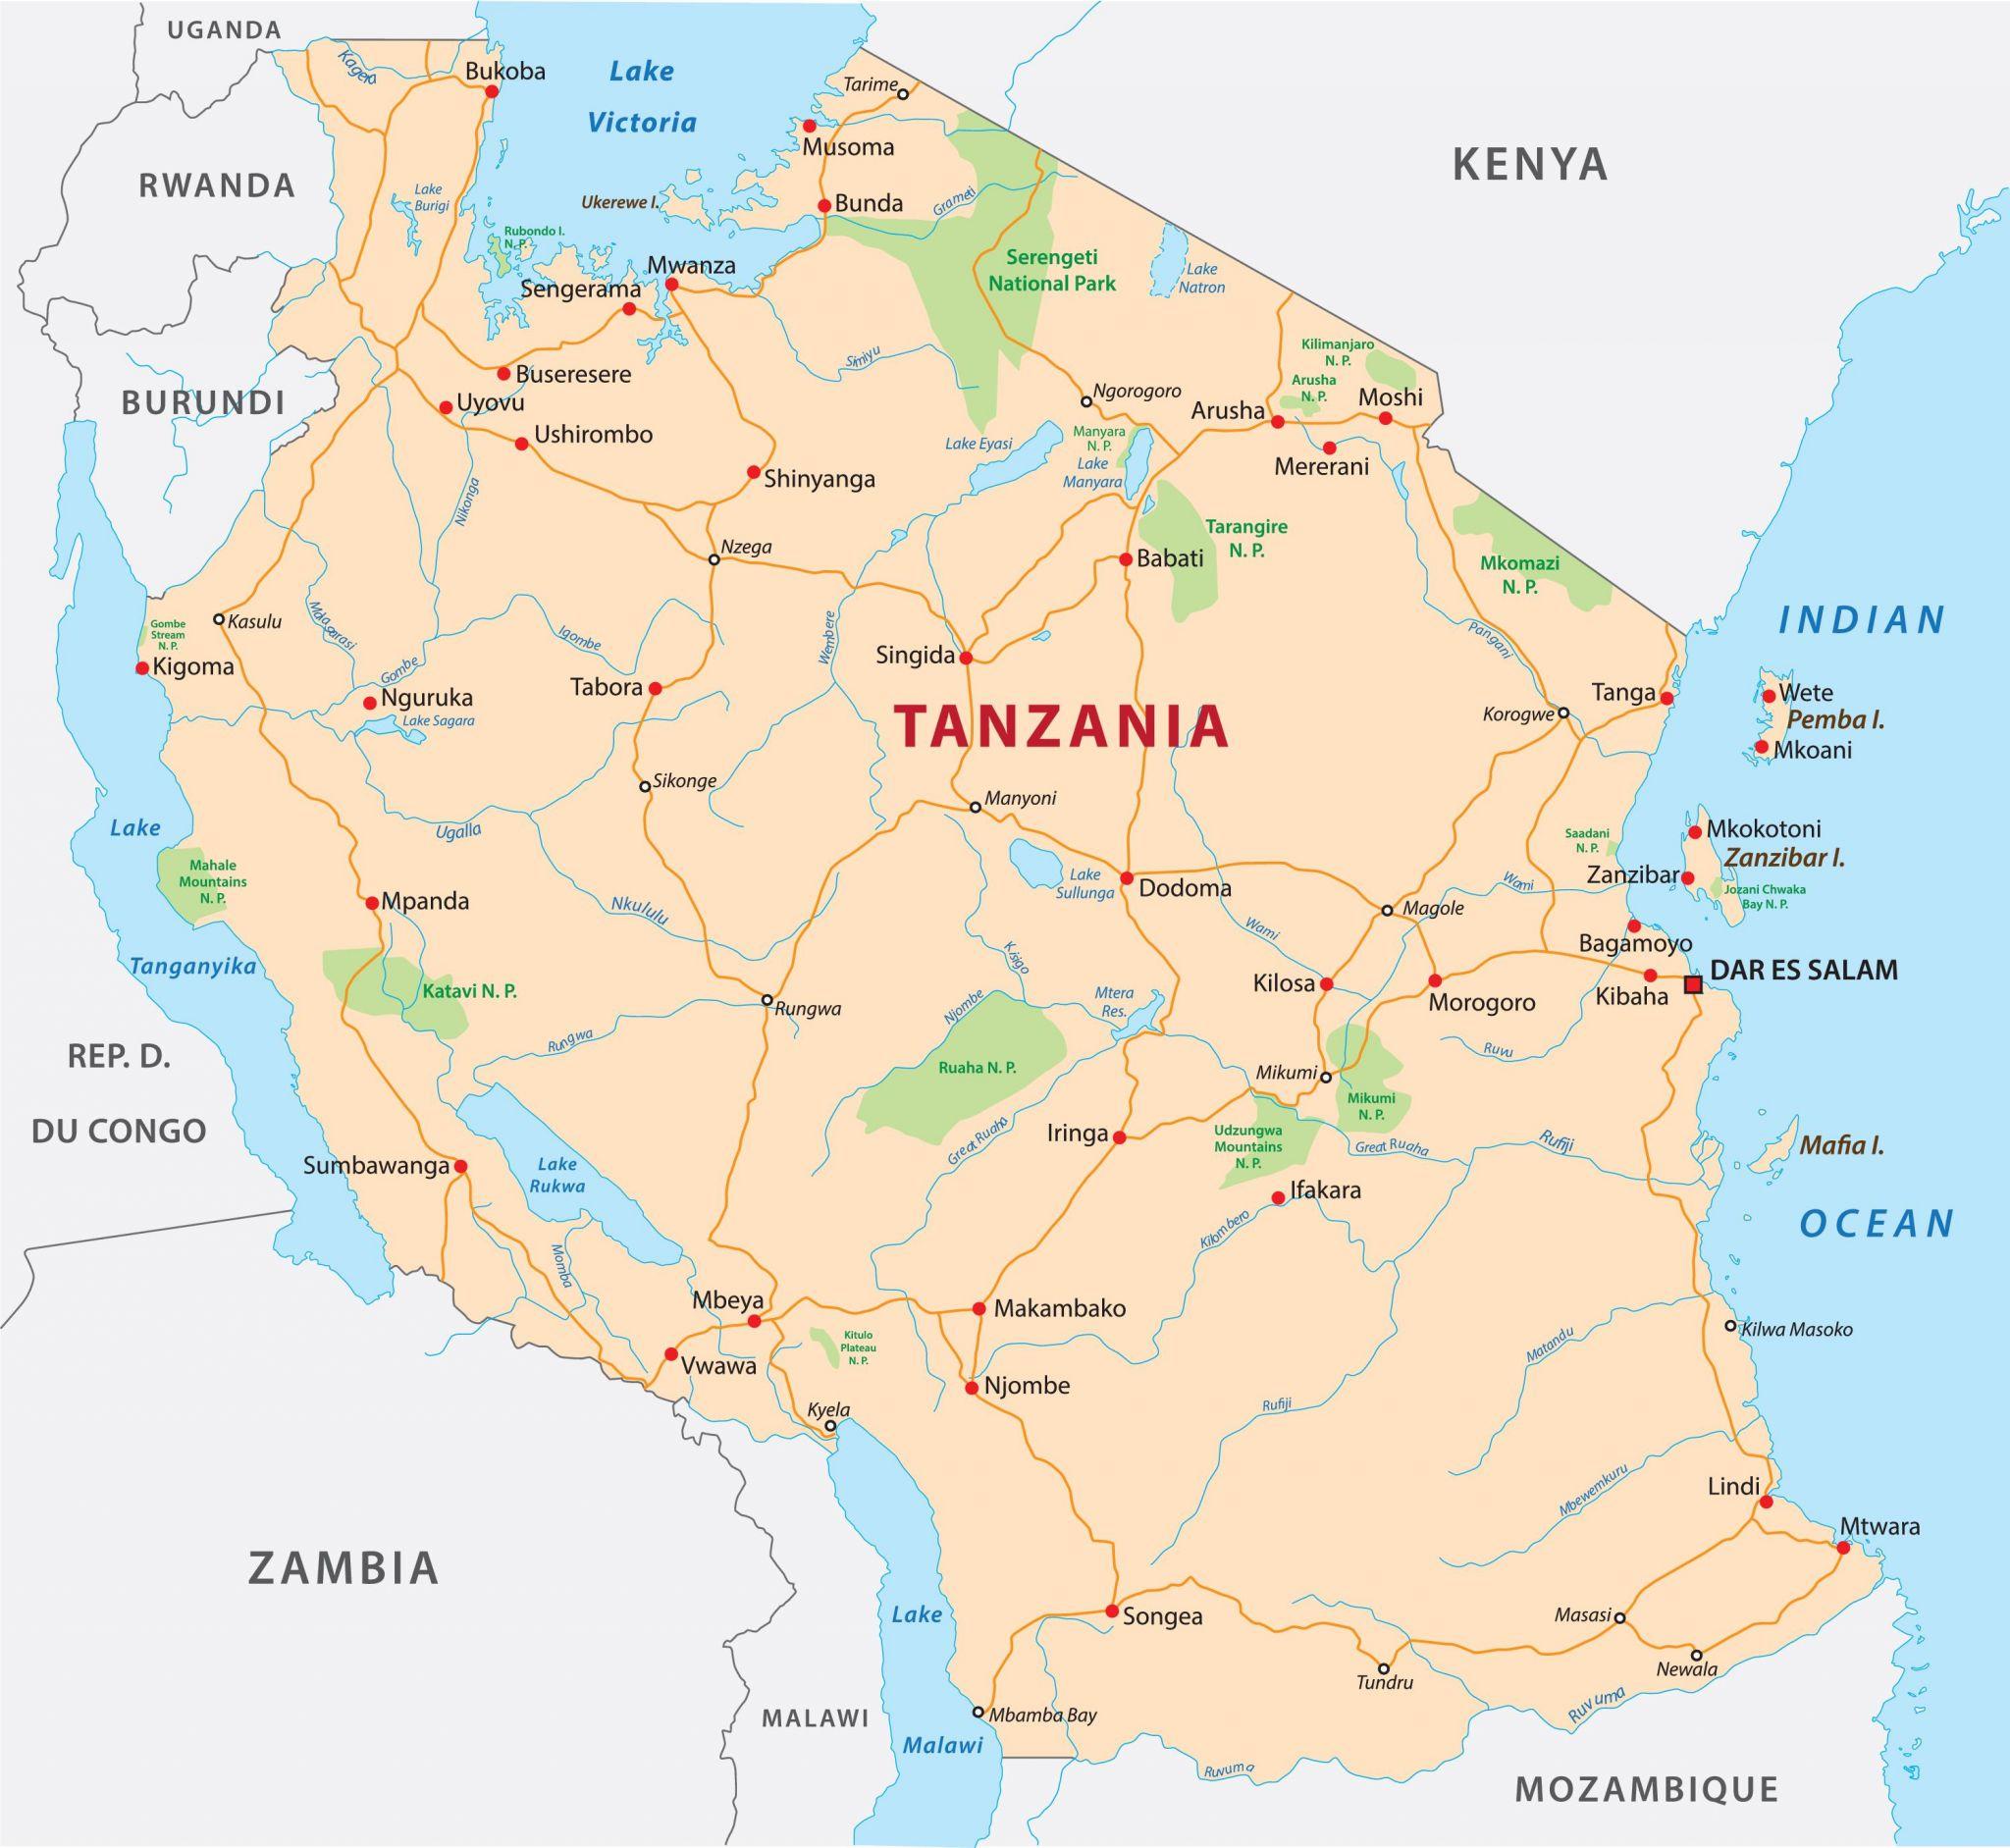 Zakladni Informace O Tanzanii Tanzanie Mahalo Cz